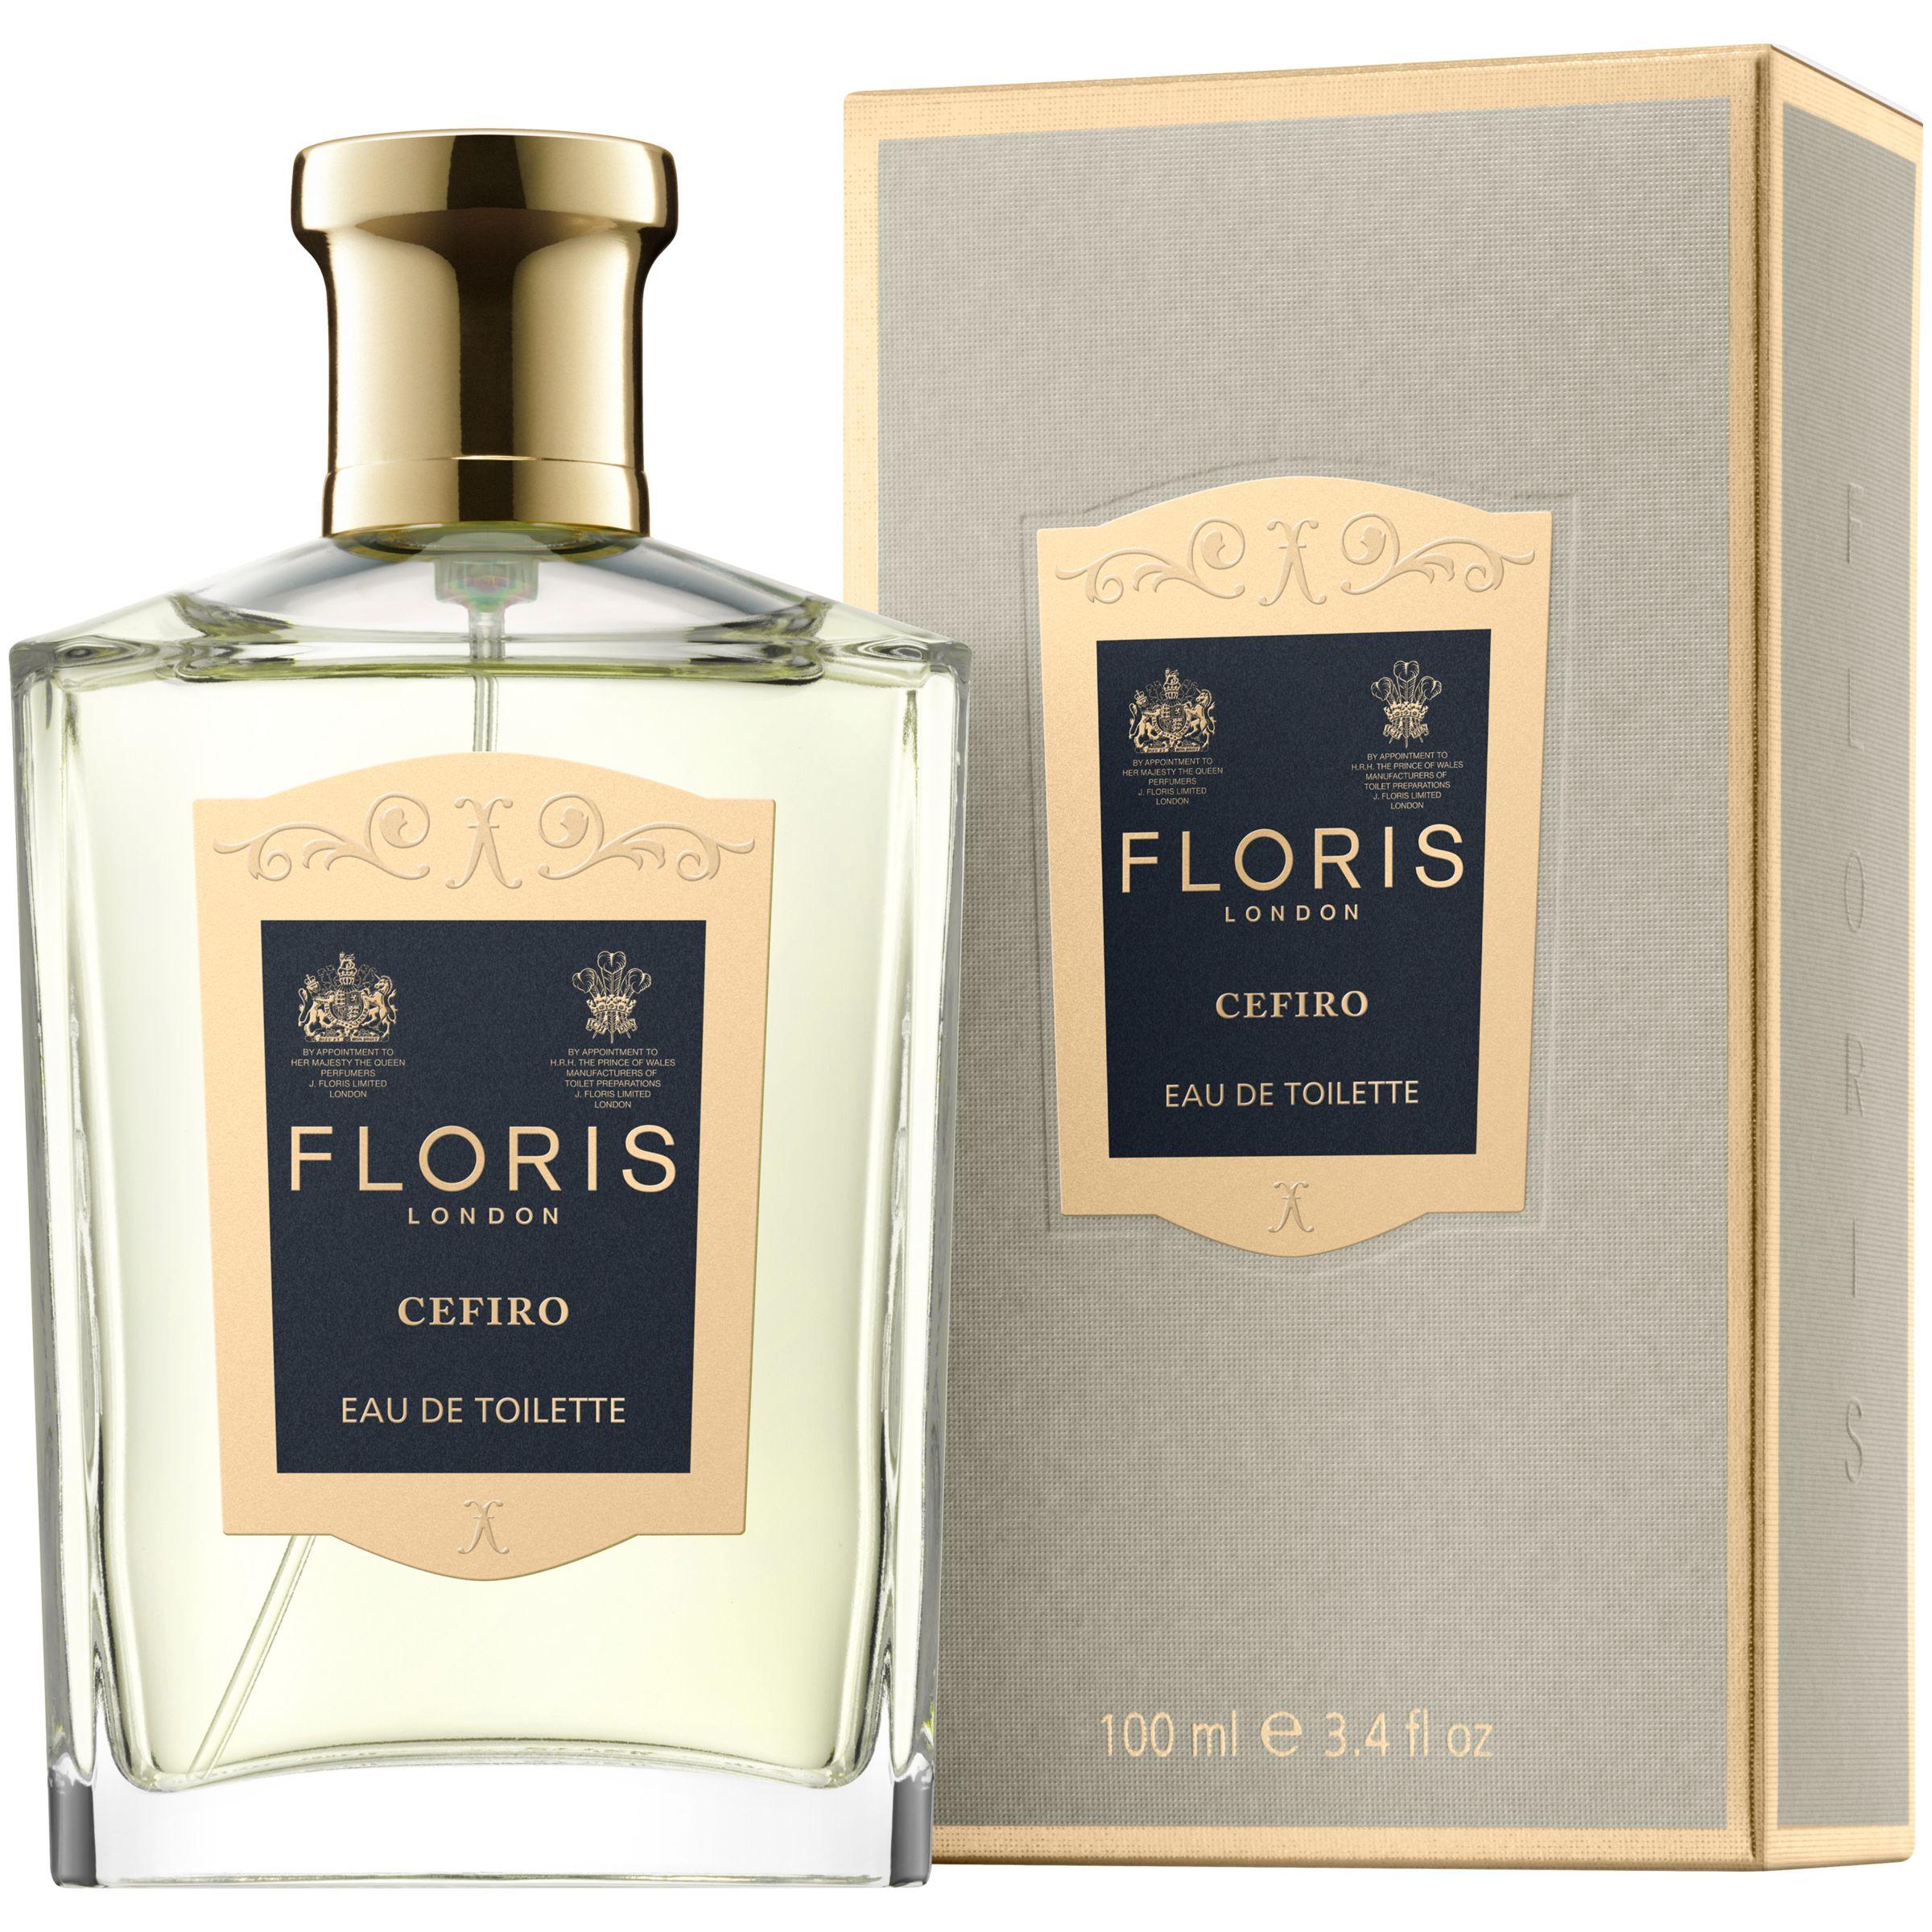 Floris Floris Cefiro Eau de Toilette, 100ml